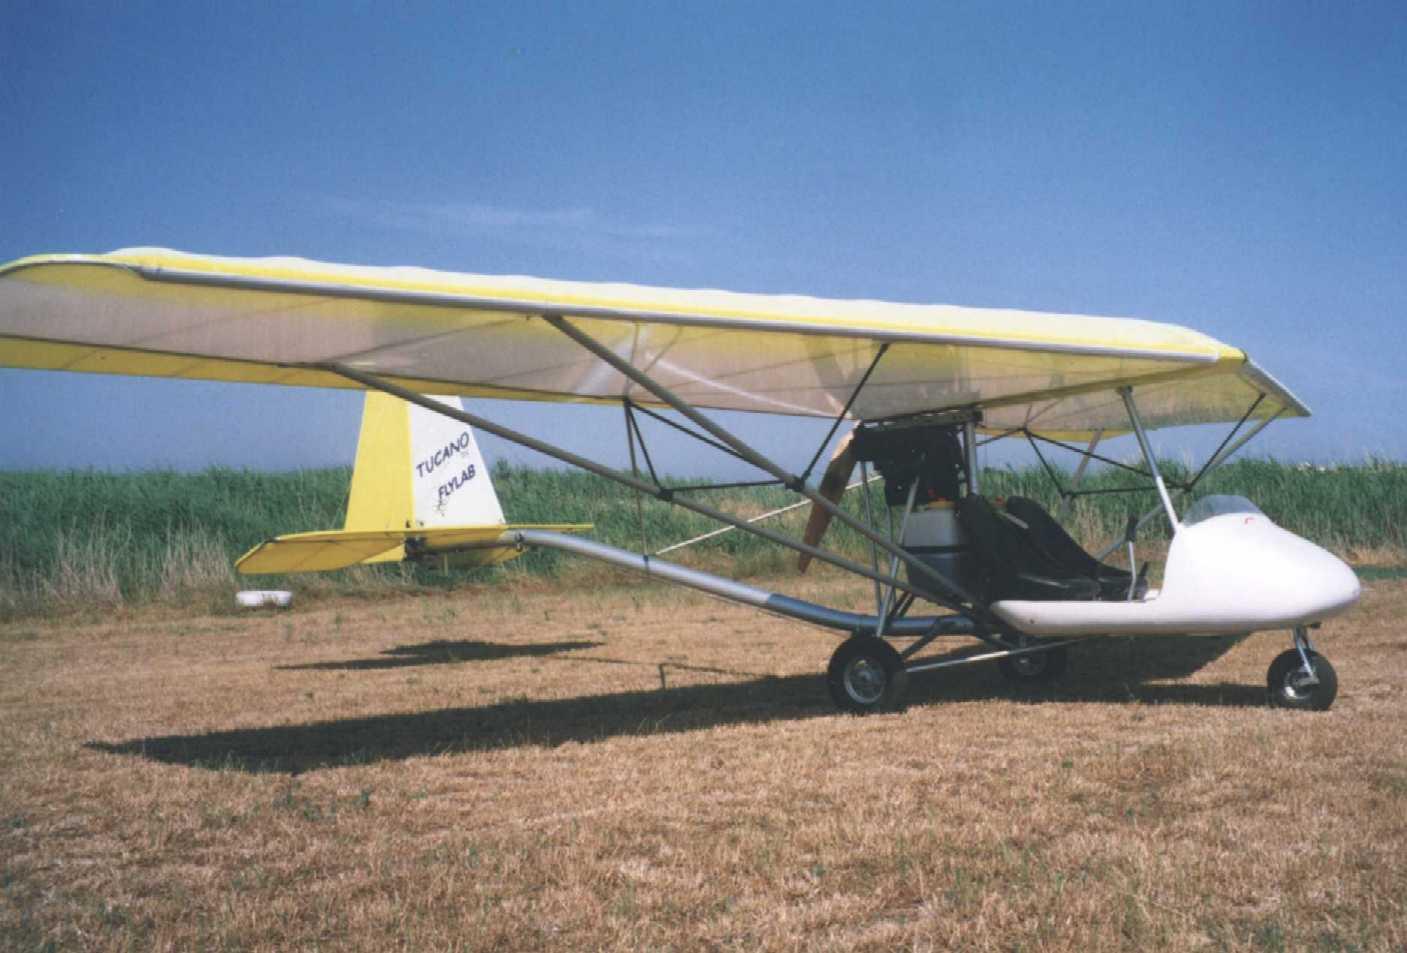 http://www.flylab.it/imm/tucanod3-3b.jpg